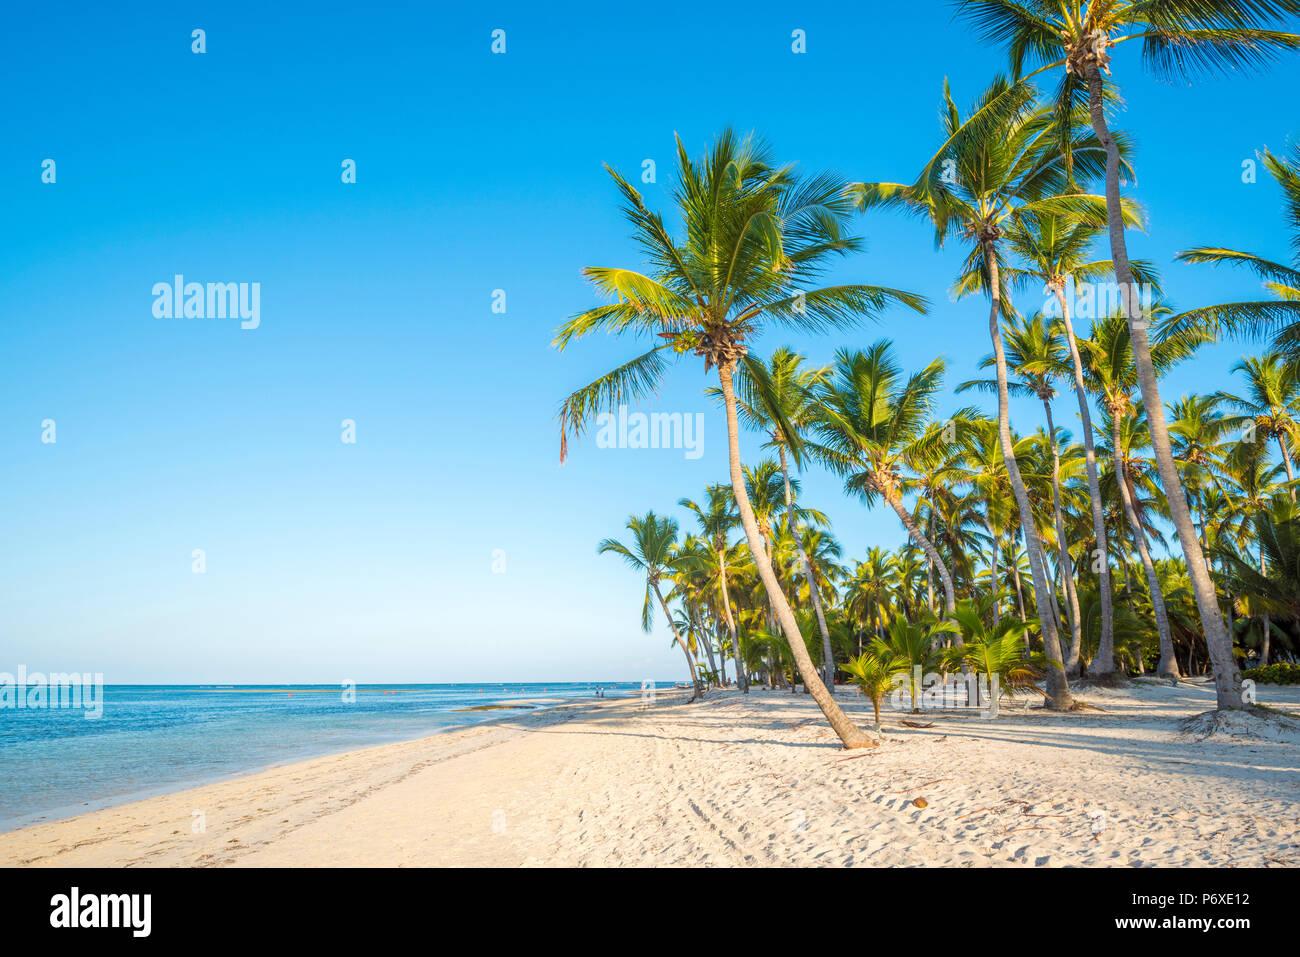 La plage de Cabeza de Toro, Punta Cana, République dominicaine. Banque D'Images